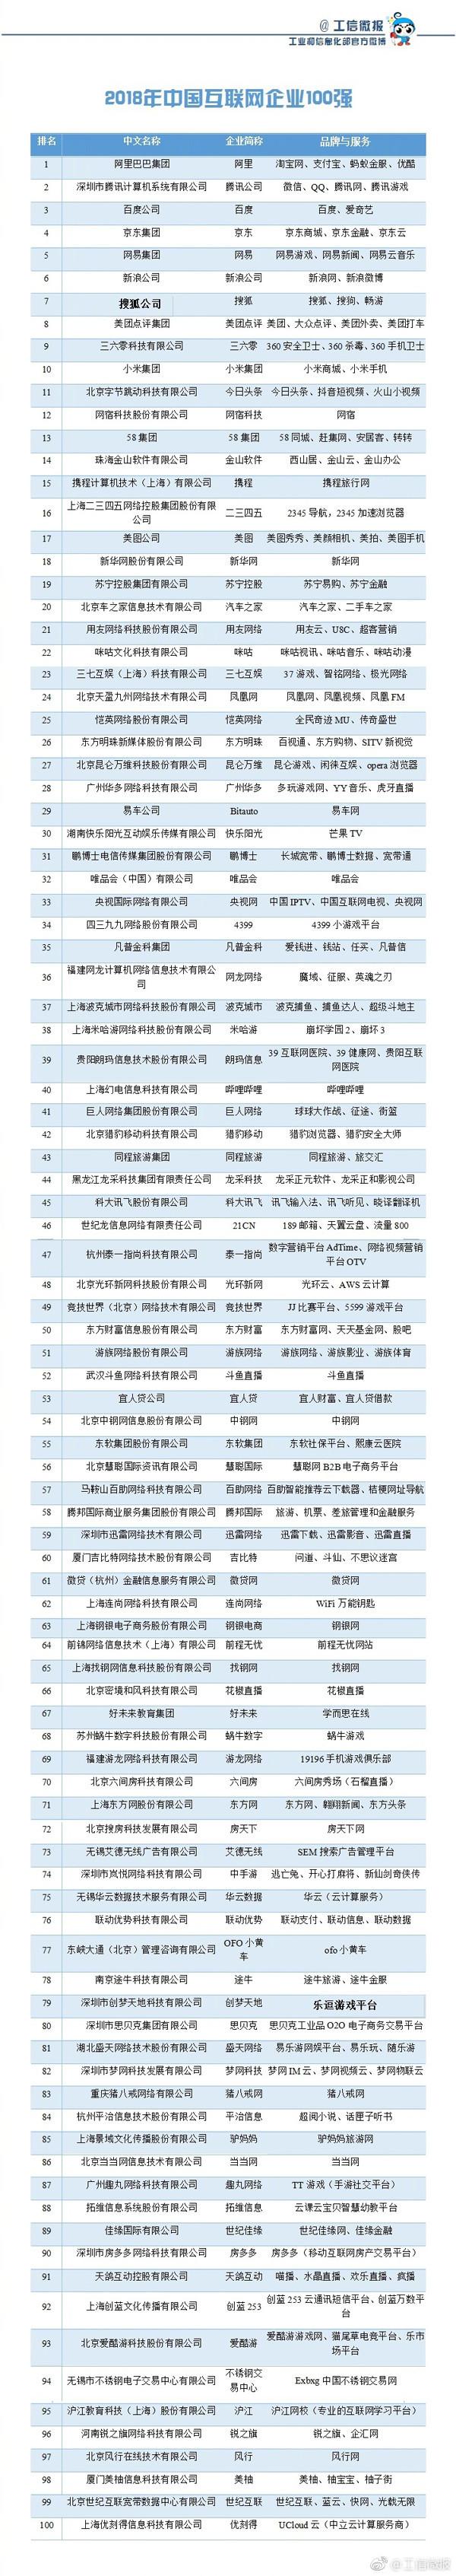 工信部公布互联网企业100强 第一非腾讯